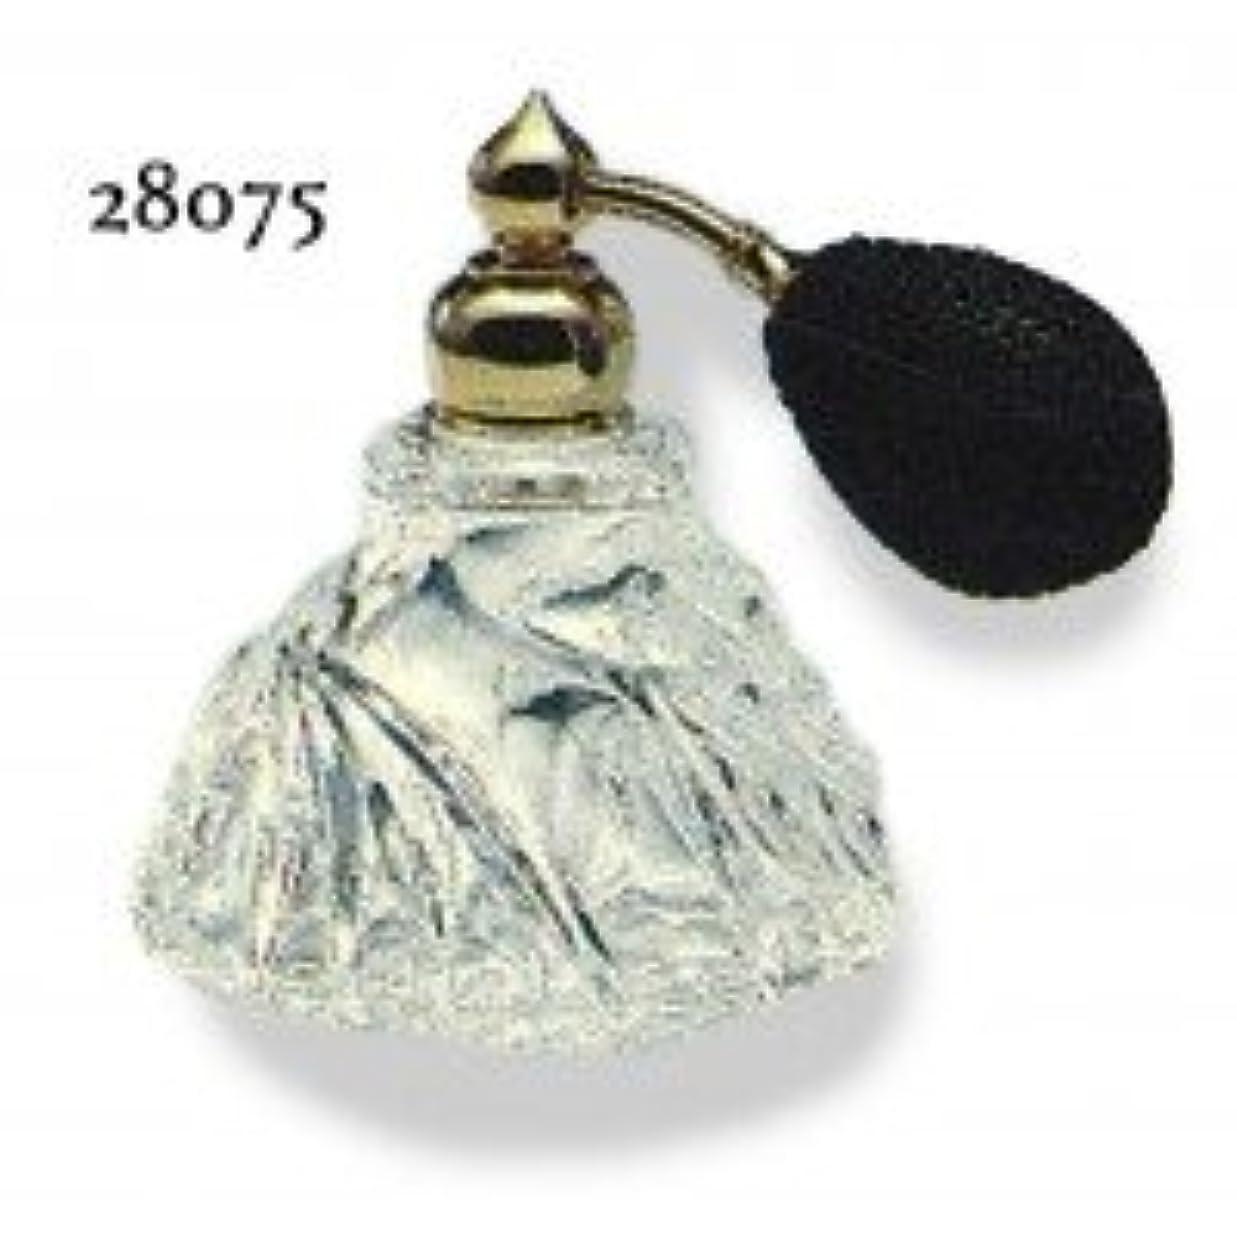 ジャンピングジャック支給ポジティブドイツ製クリスタル香水瓶リードクリスタル 長